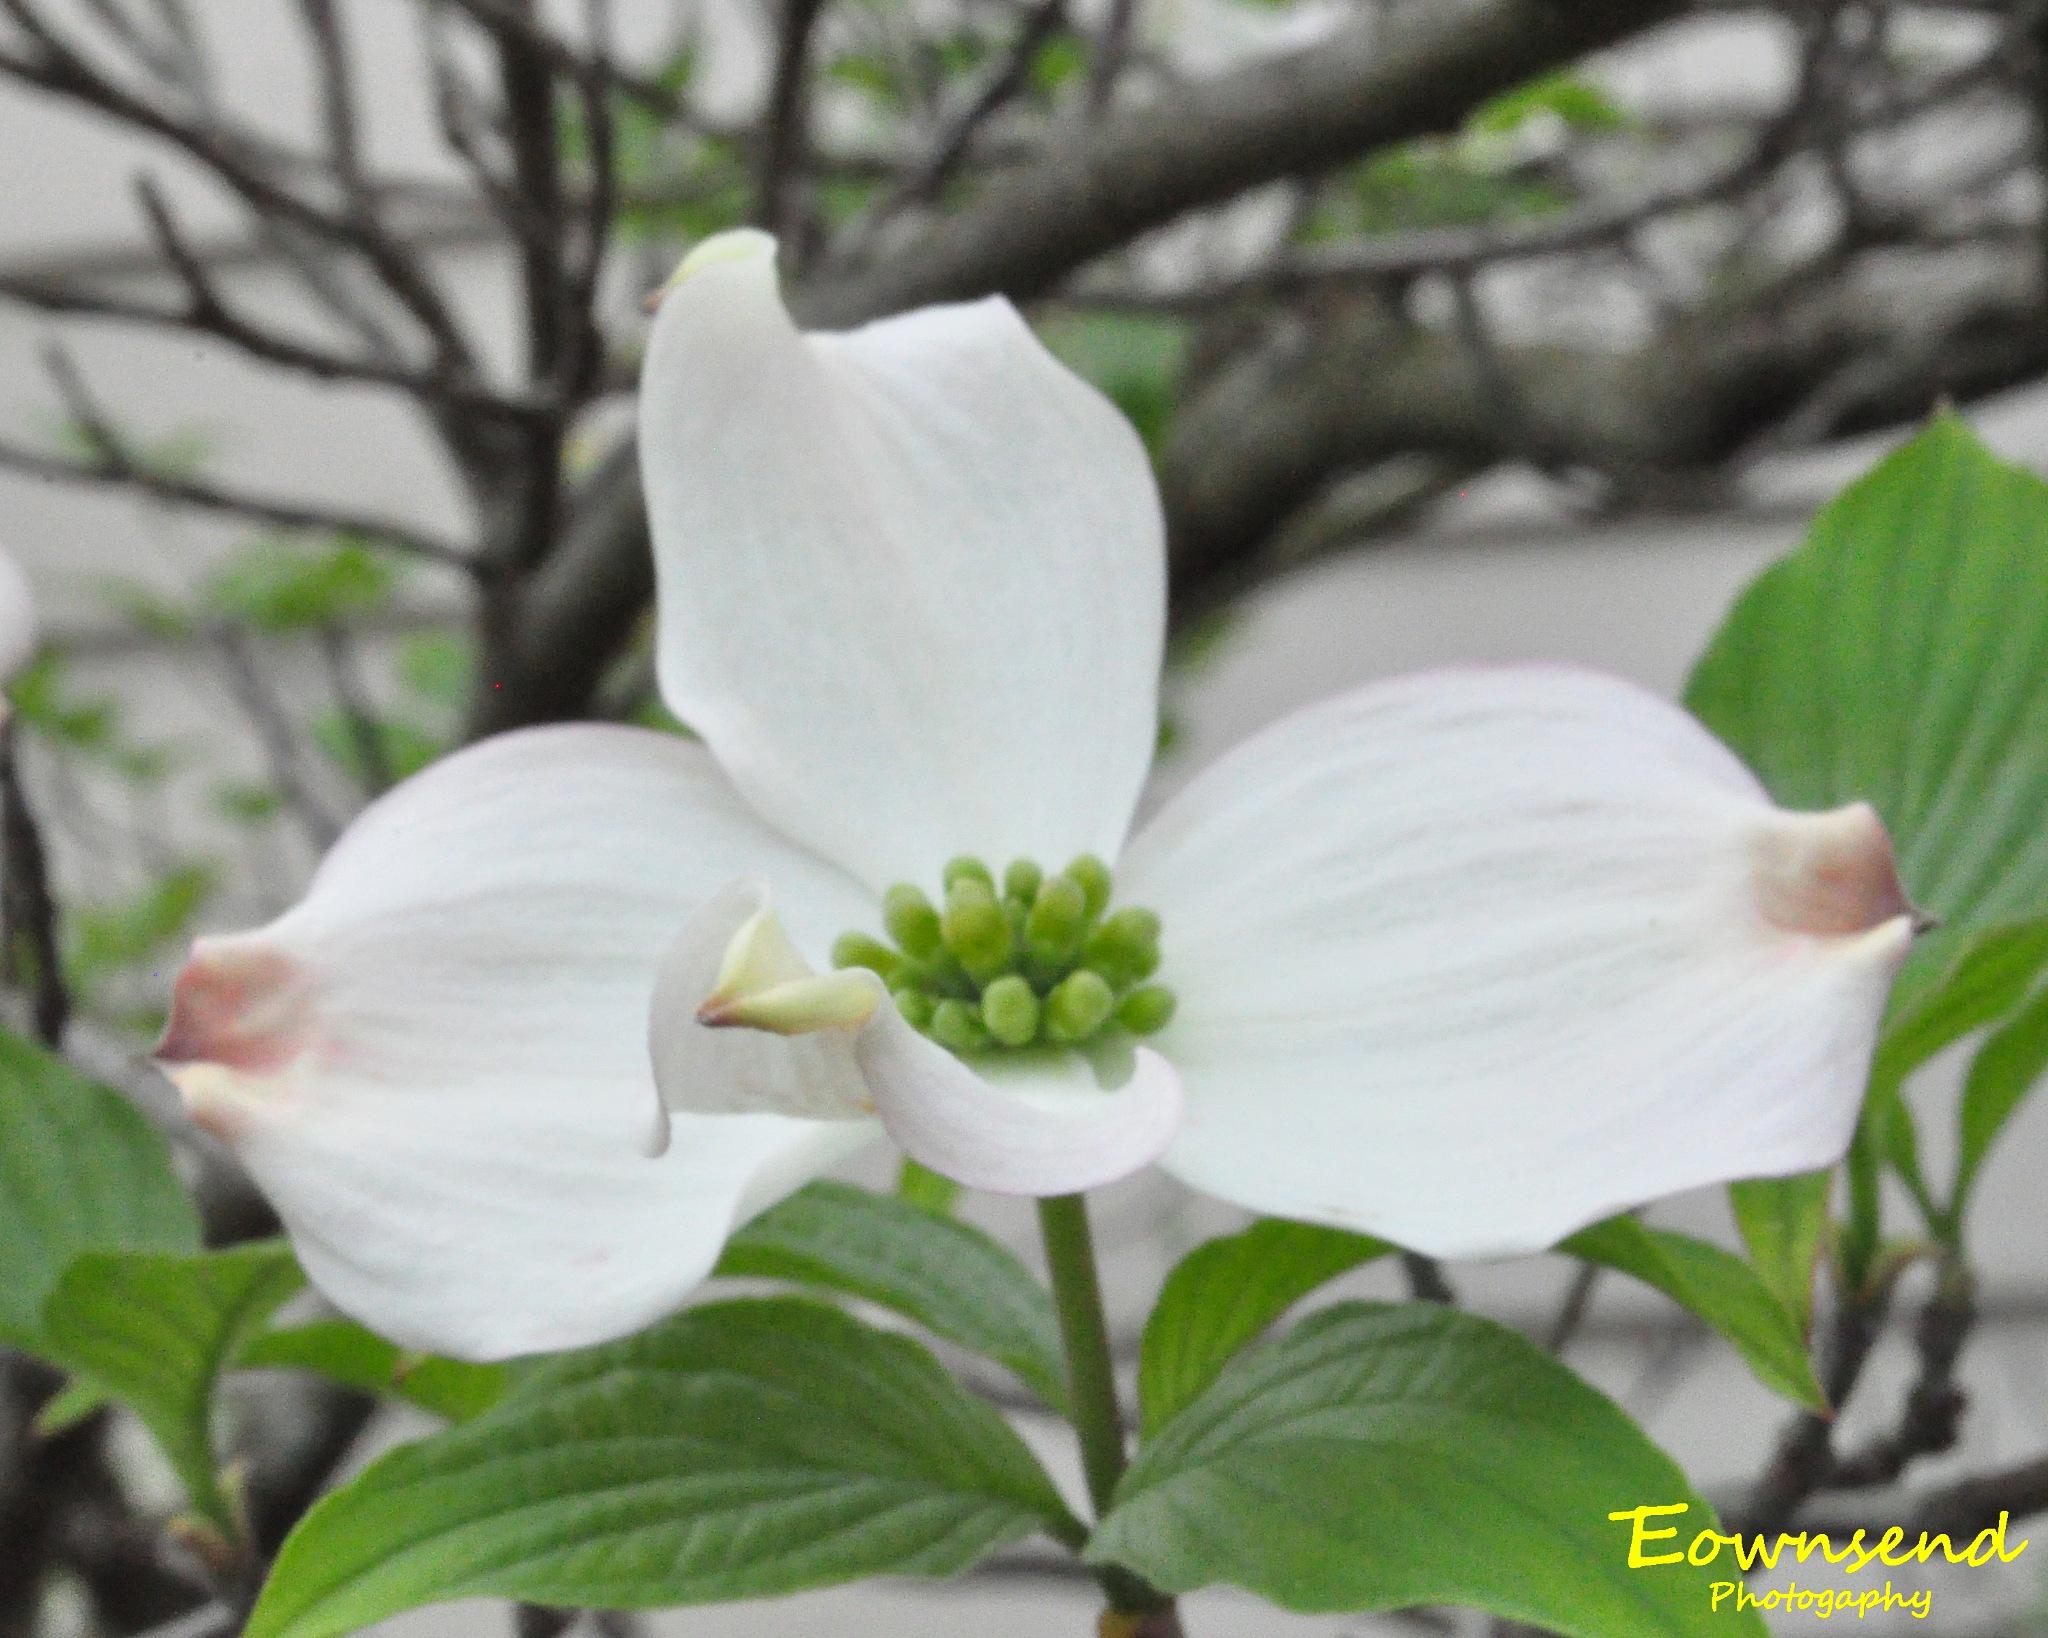 Dogwood Bloom by Elizabeth C. Townsend